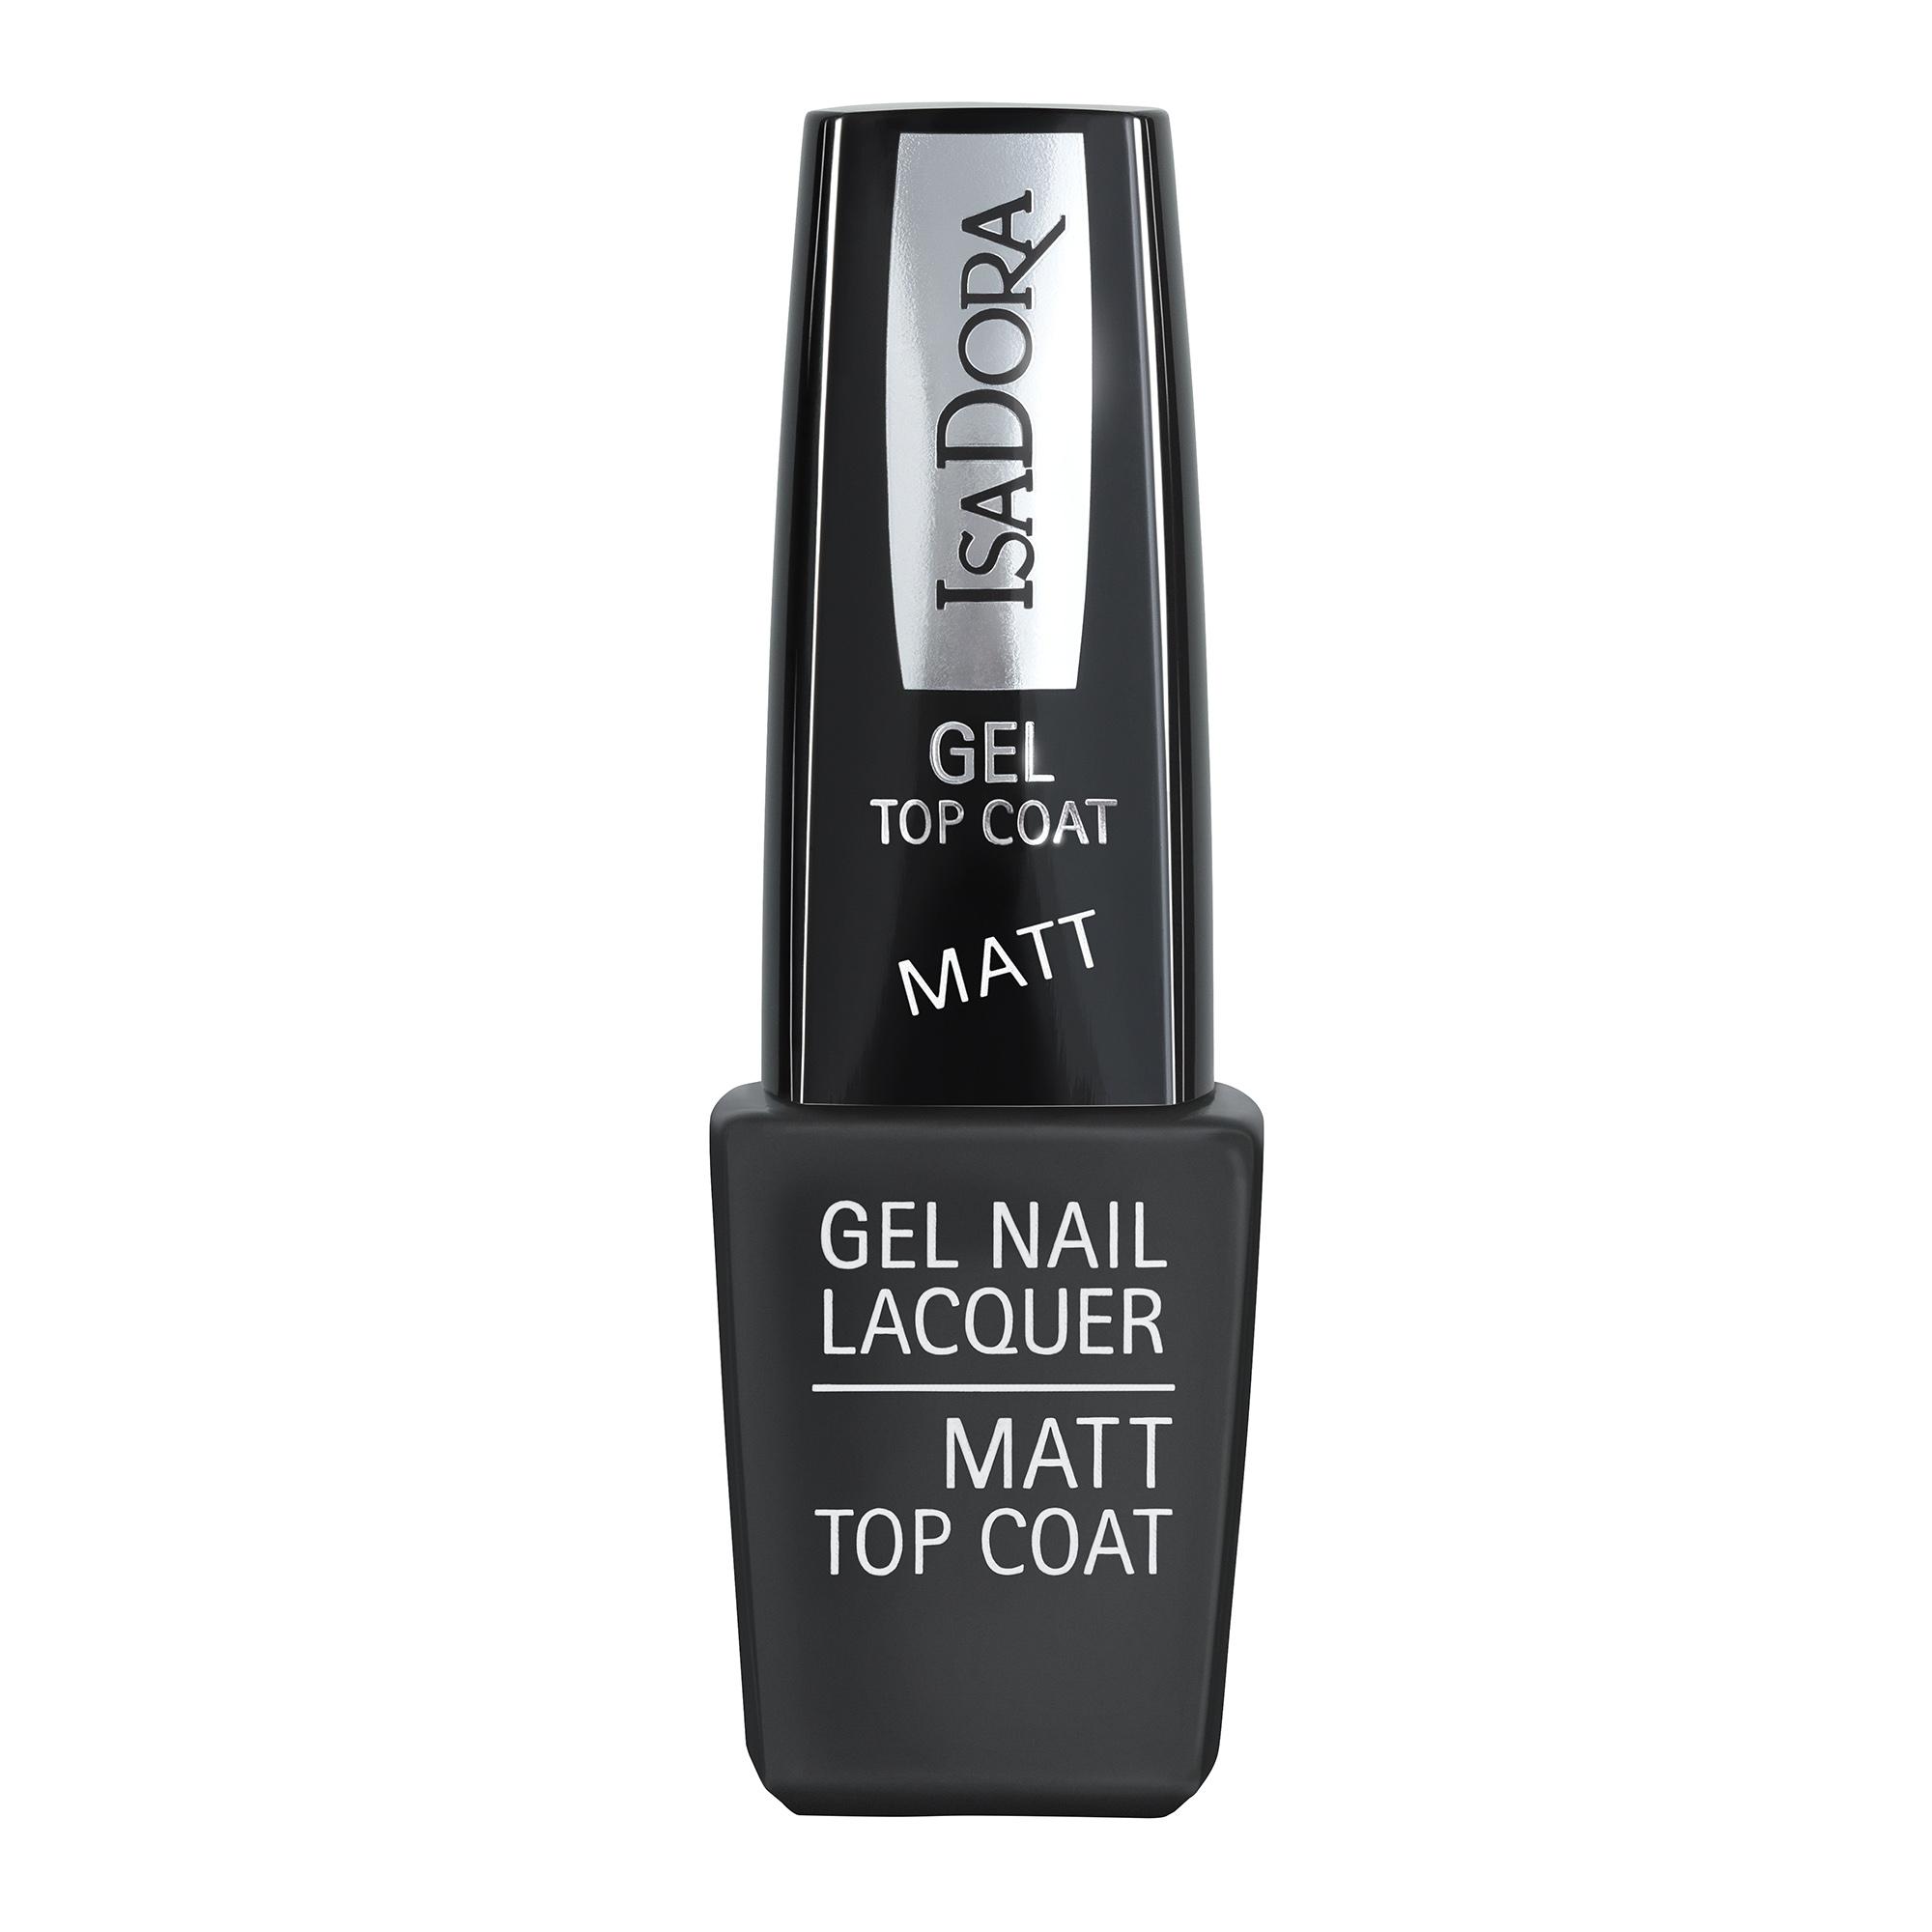 Gel Nail Lacquer Matt Top Coat Matt Top Coat